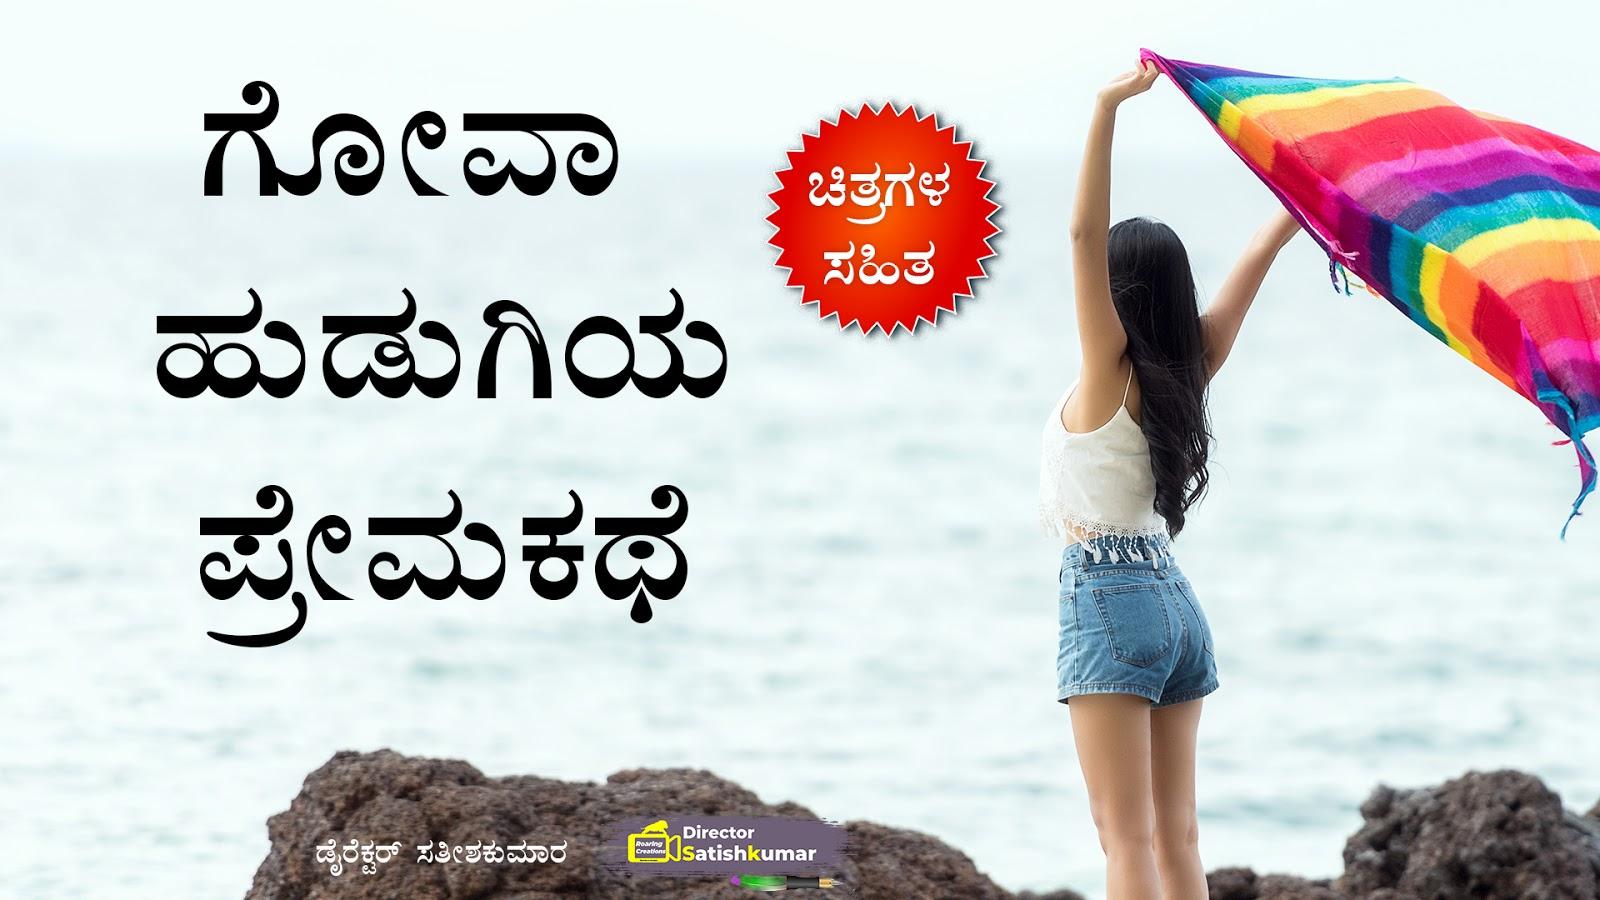 ಗೋವಾ ಹುಡುಗಿಯ ಪ್ರೇಮಕಥೆ  - Friendship love story in Kannada - Kannada Love Stories - ಕನ್ನಡ ಕಥೆ ಪುಸ್ತಕಗಳು - Kannada Story Books -  E Books Kannada - Kannada Books